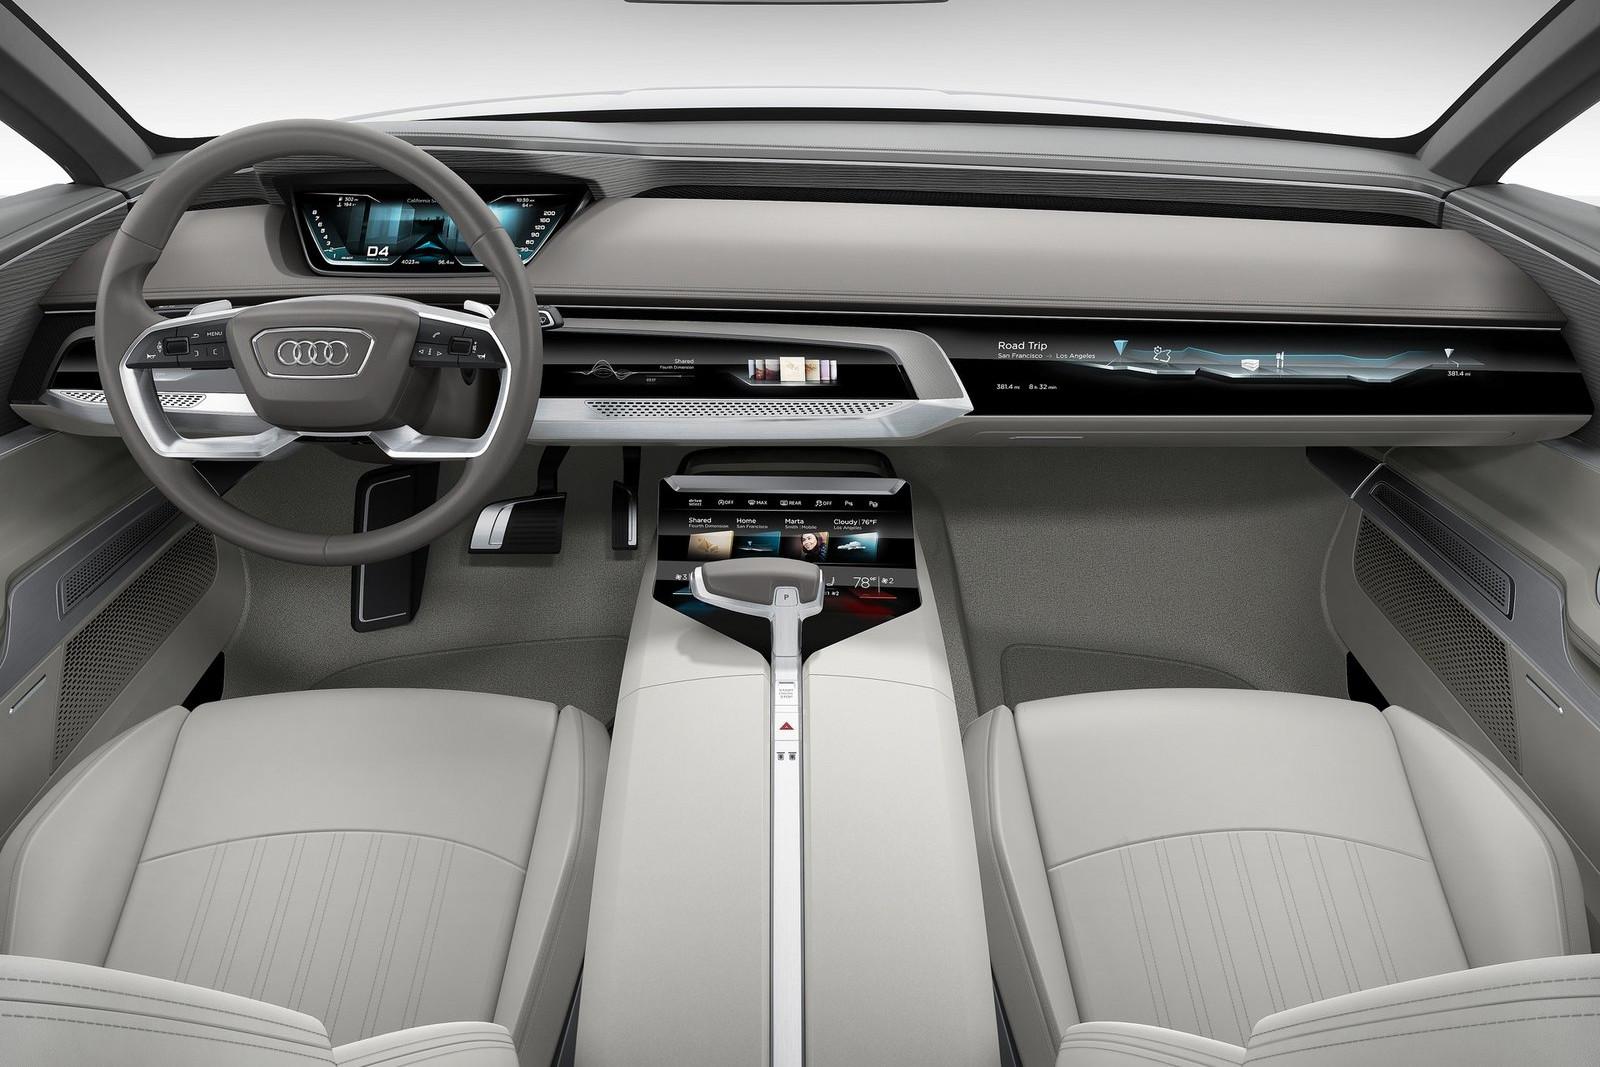 Audi-Prologue_Concept_2014_1600x1200_wallpaper_0b